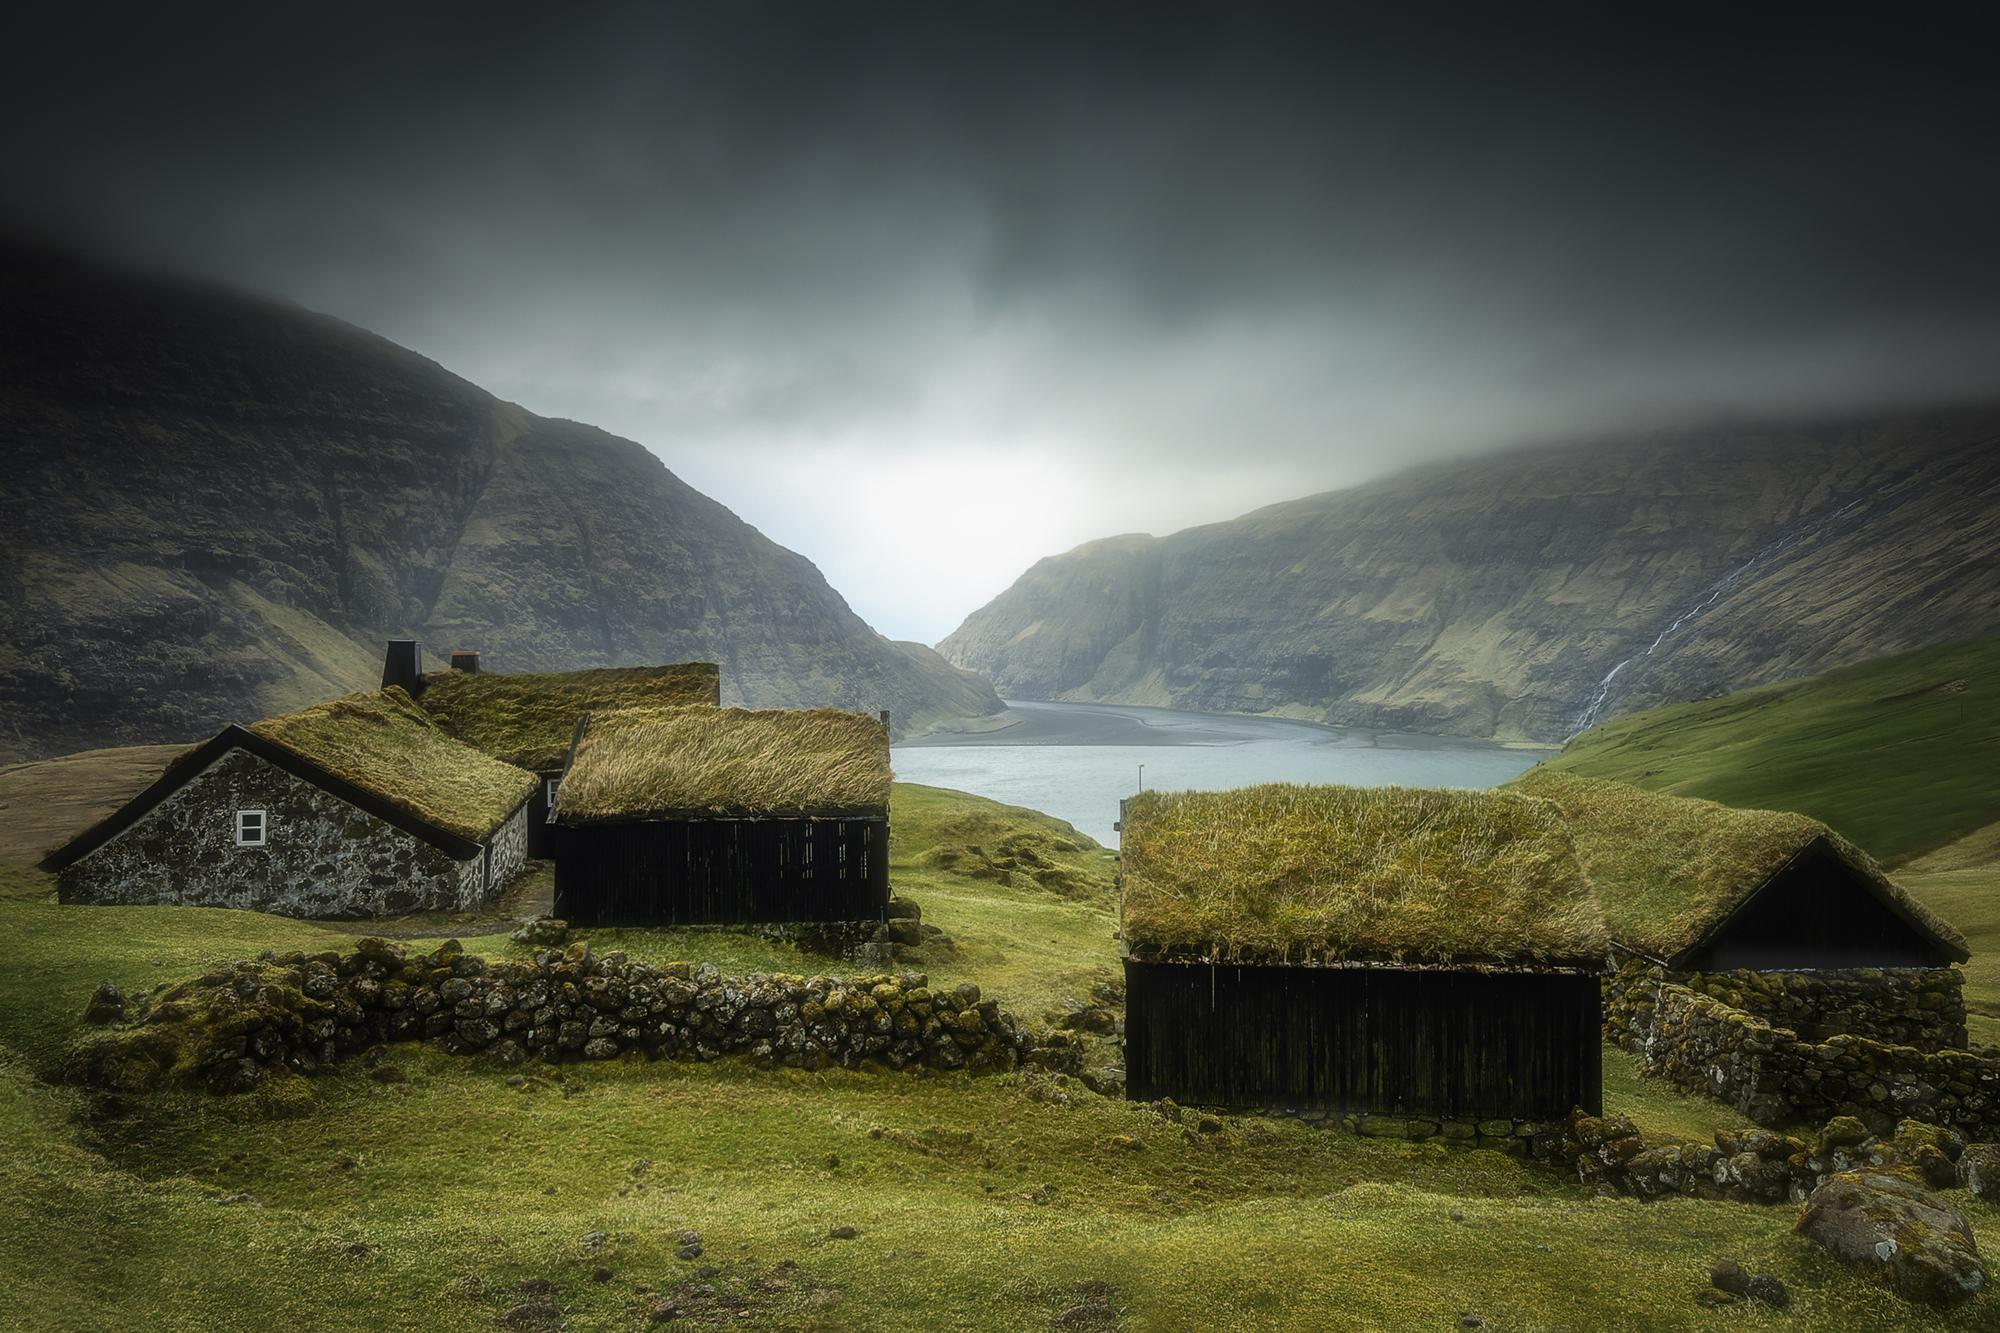 20190425_Faroes apr19_6798x.jpg